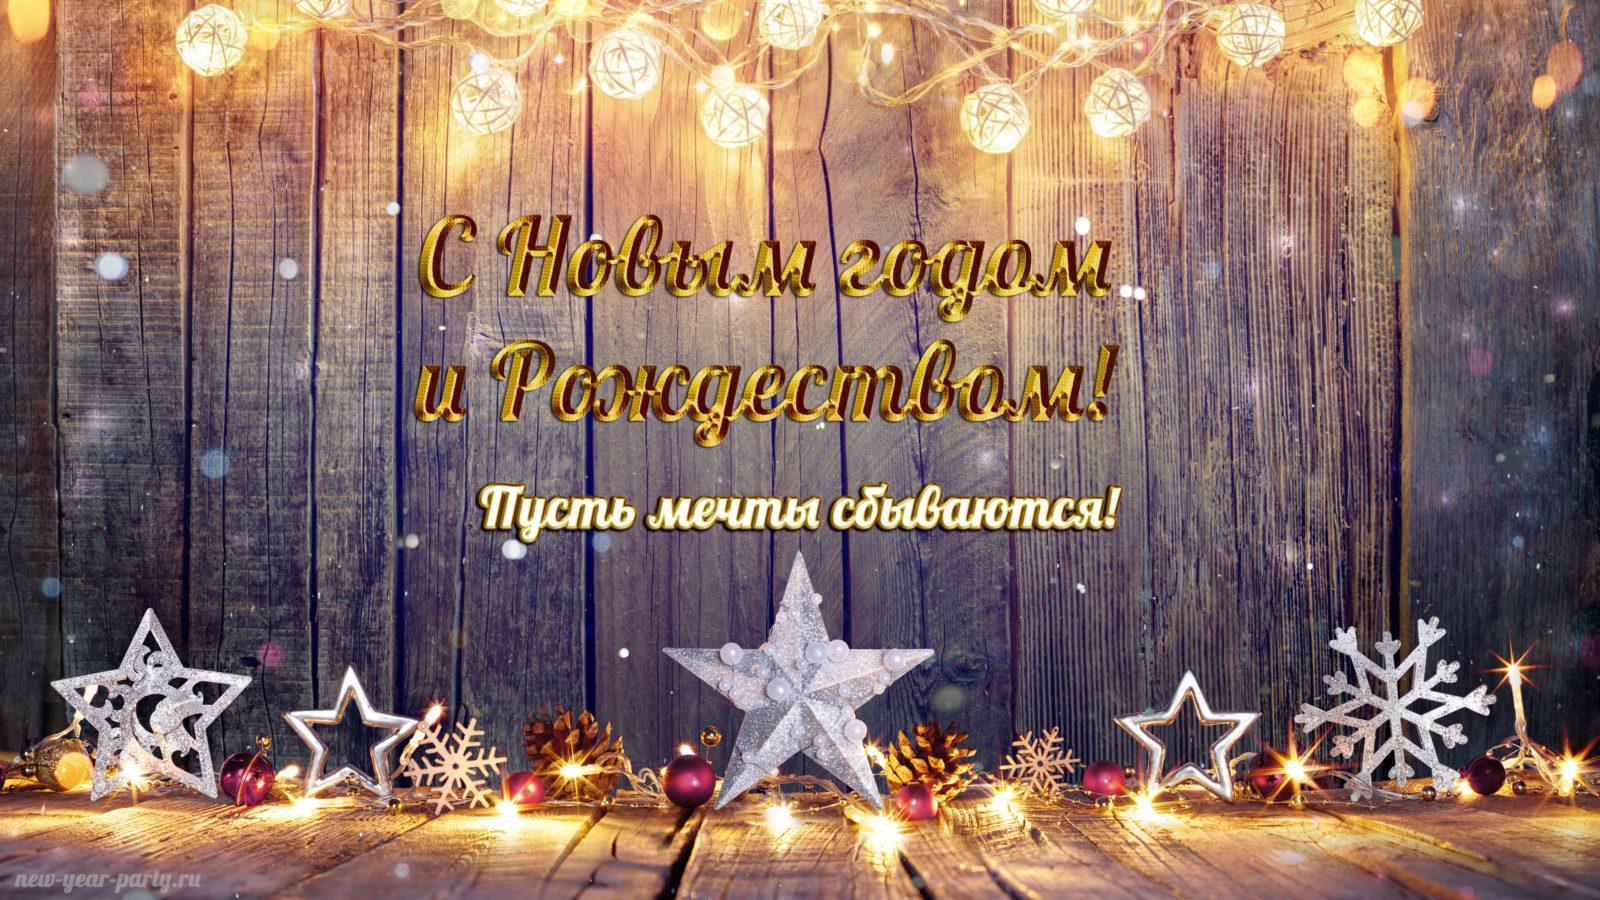 Дорогие друзья! Поздравляем всех с Новым годом и Рождеством!